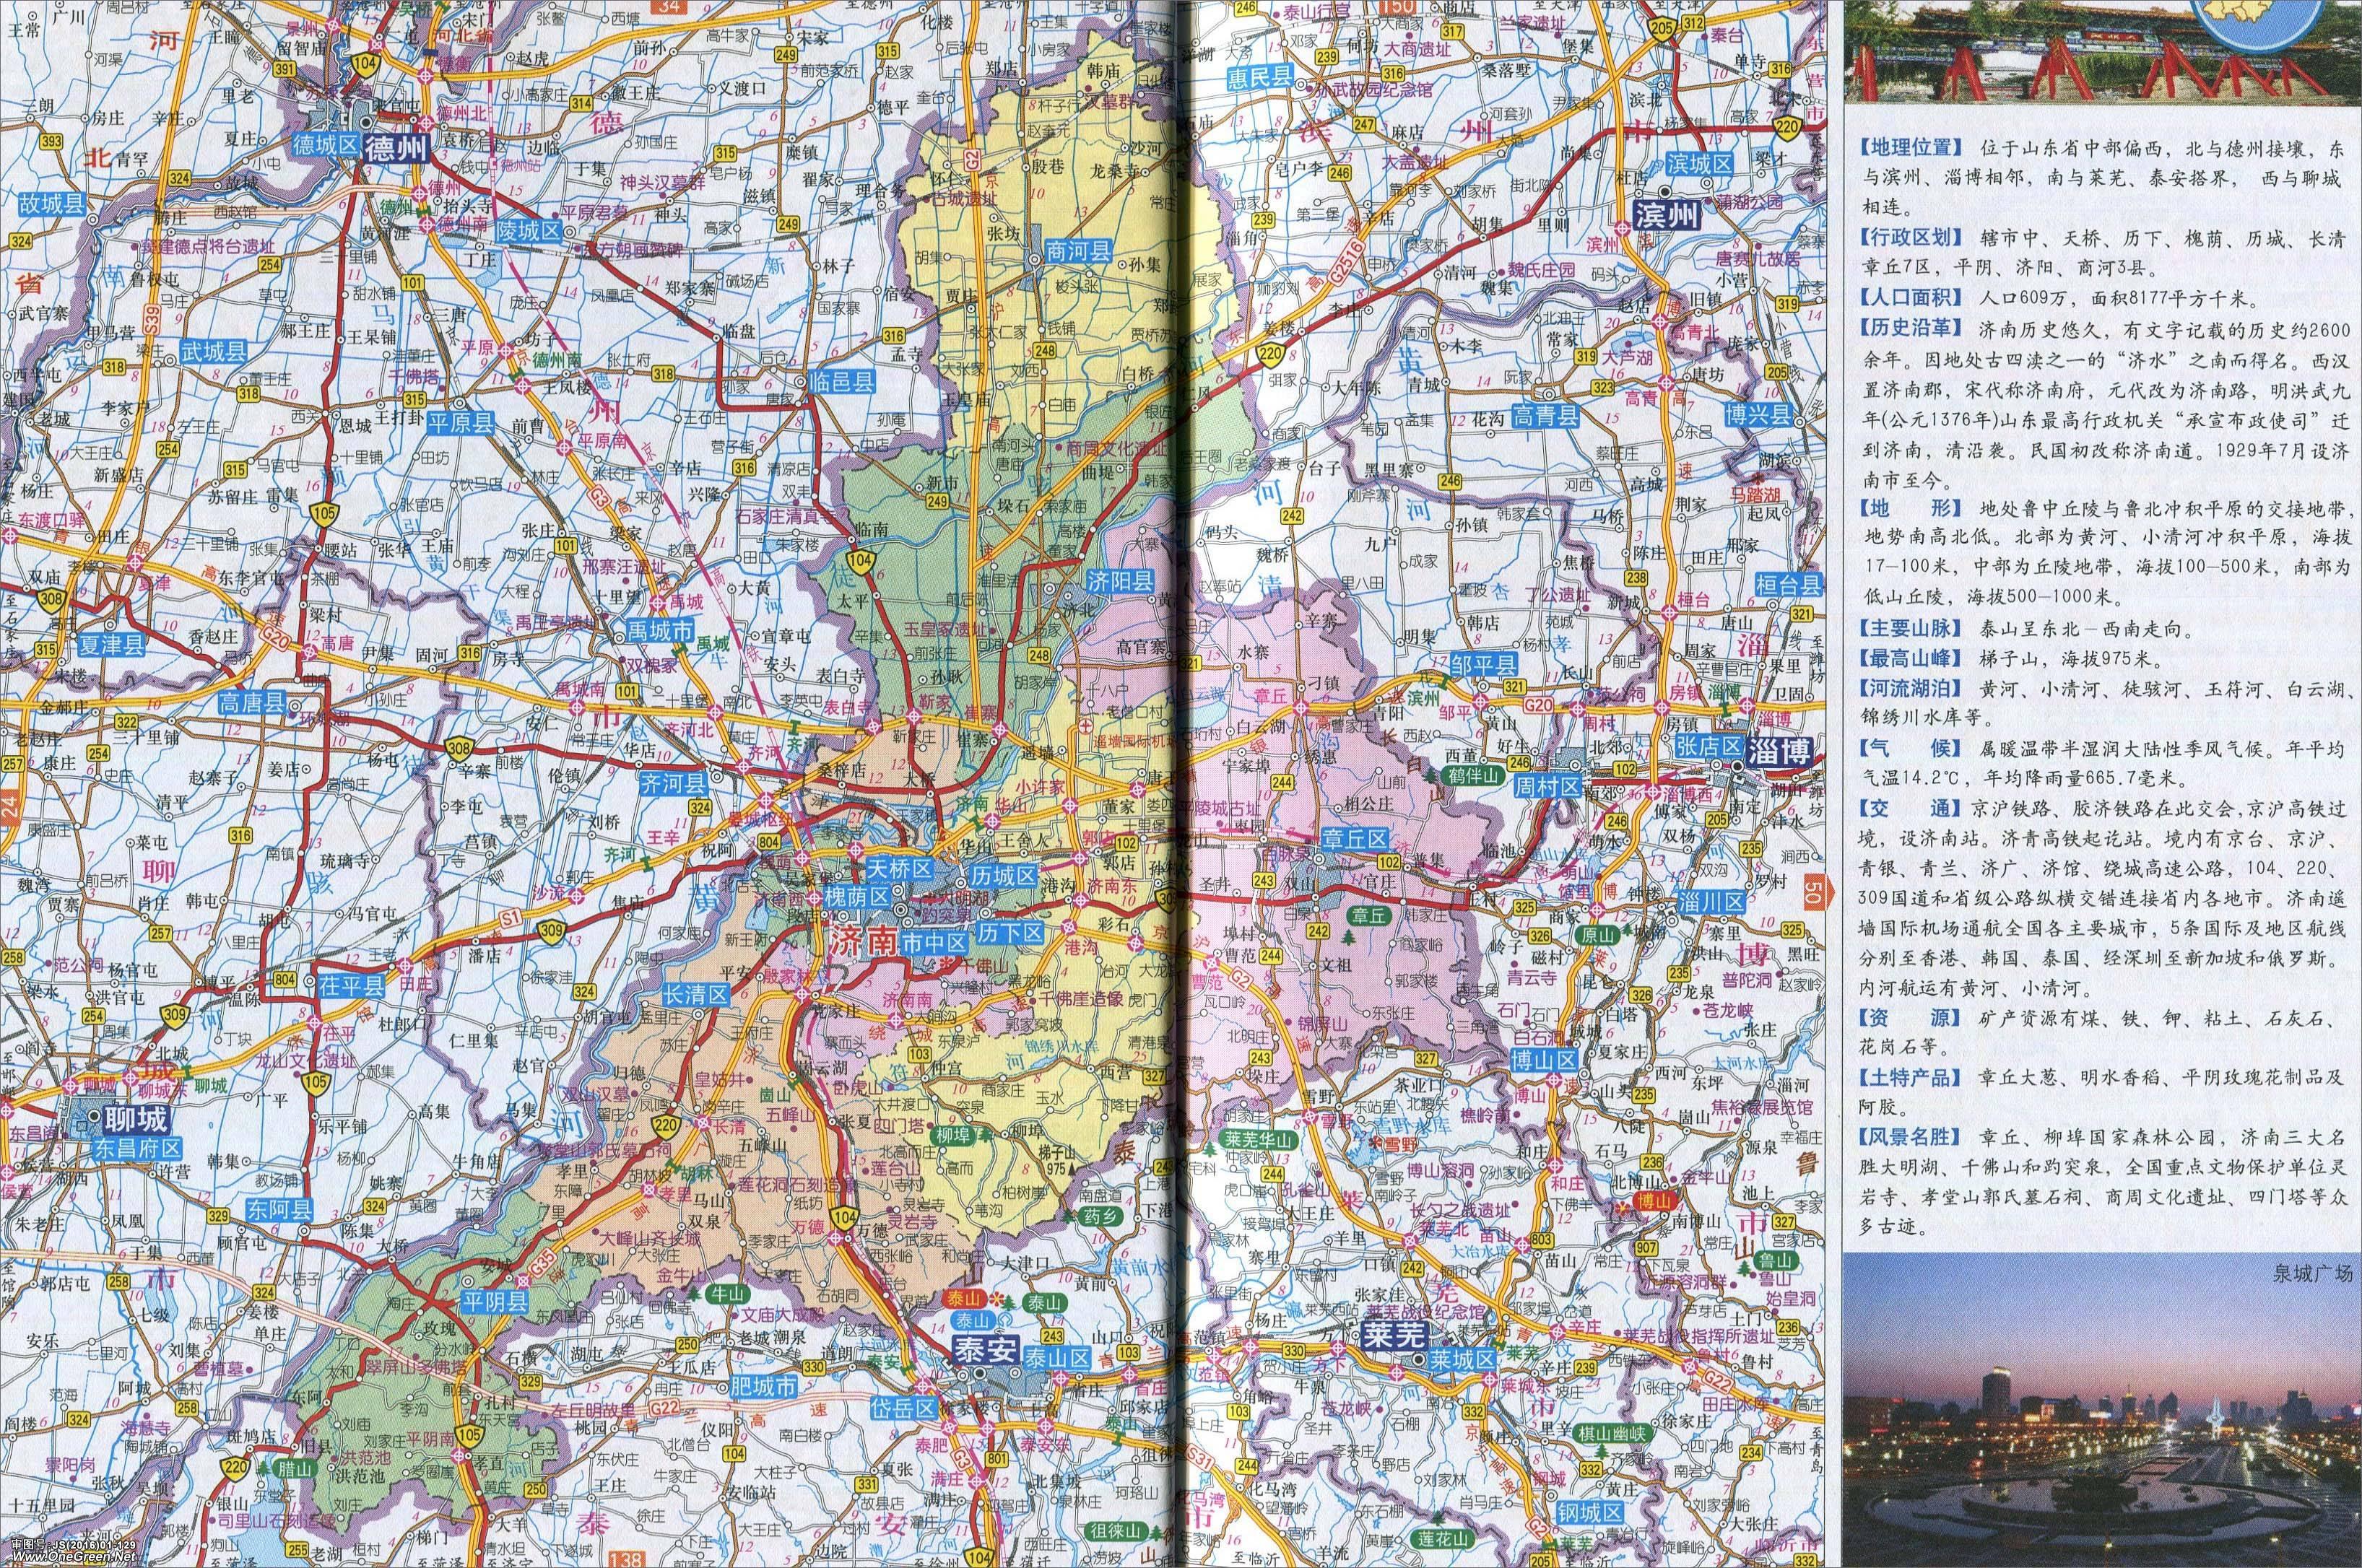 太原市地图_济南地图_济南市区地图全图高清版_地图窝